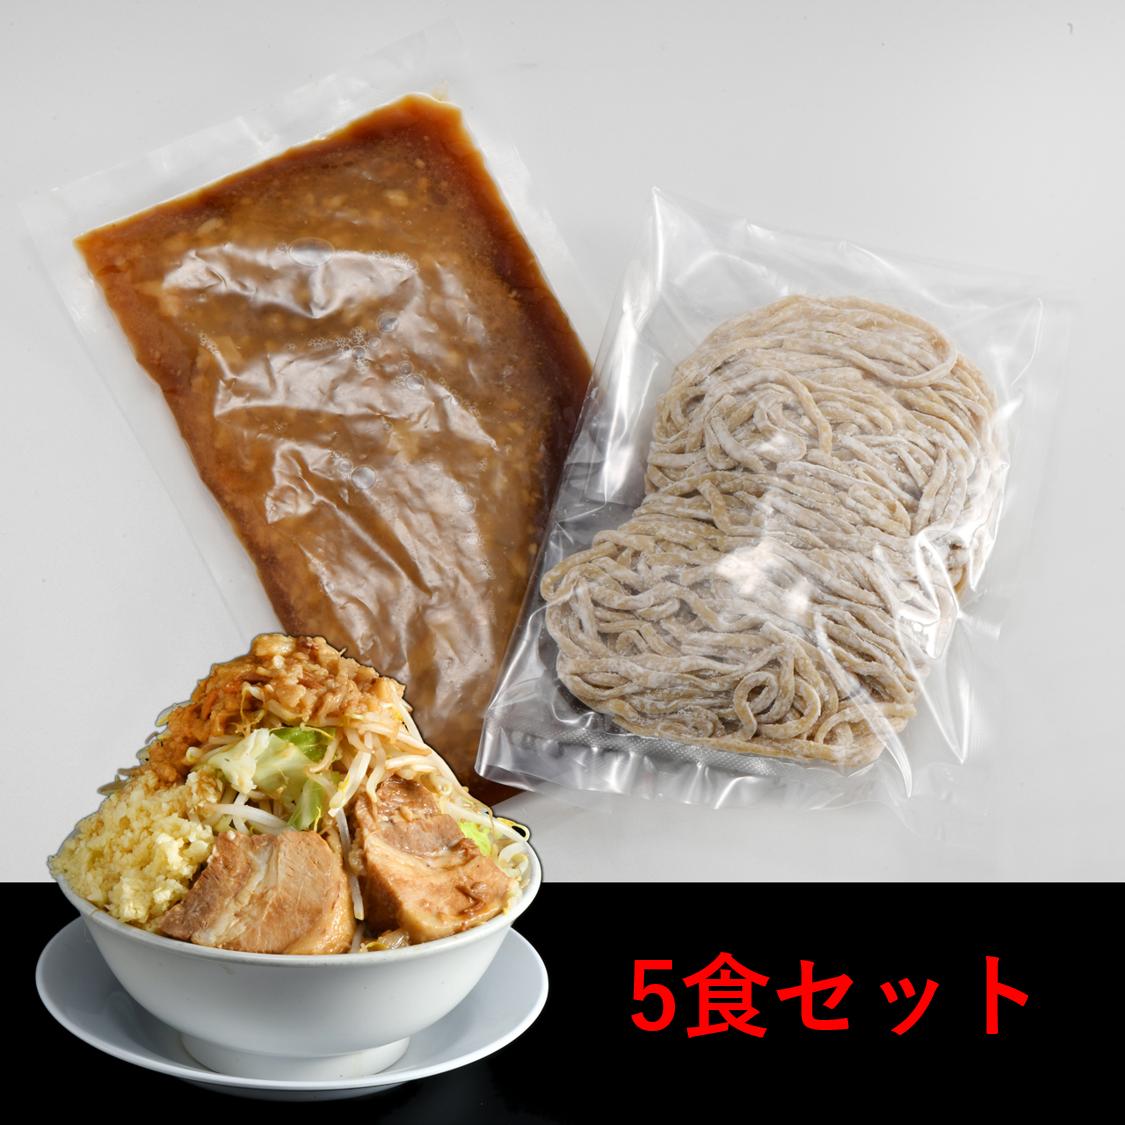 ラーメン5食セット